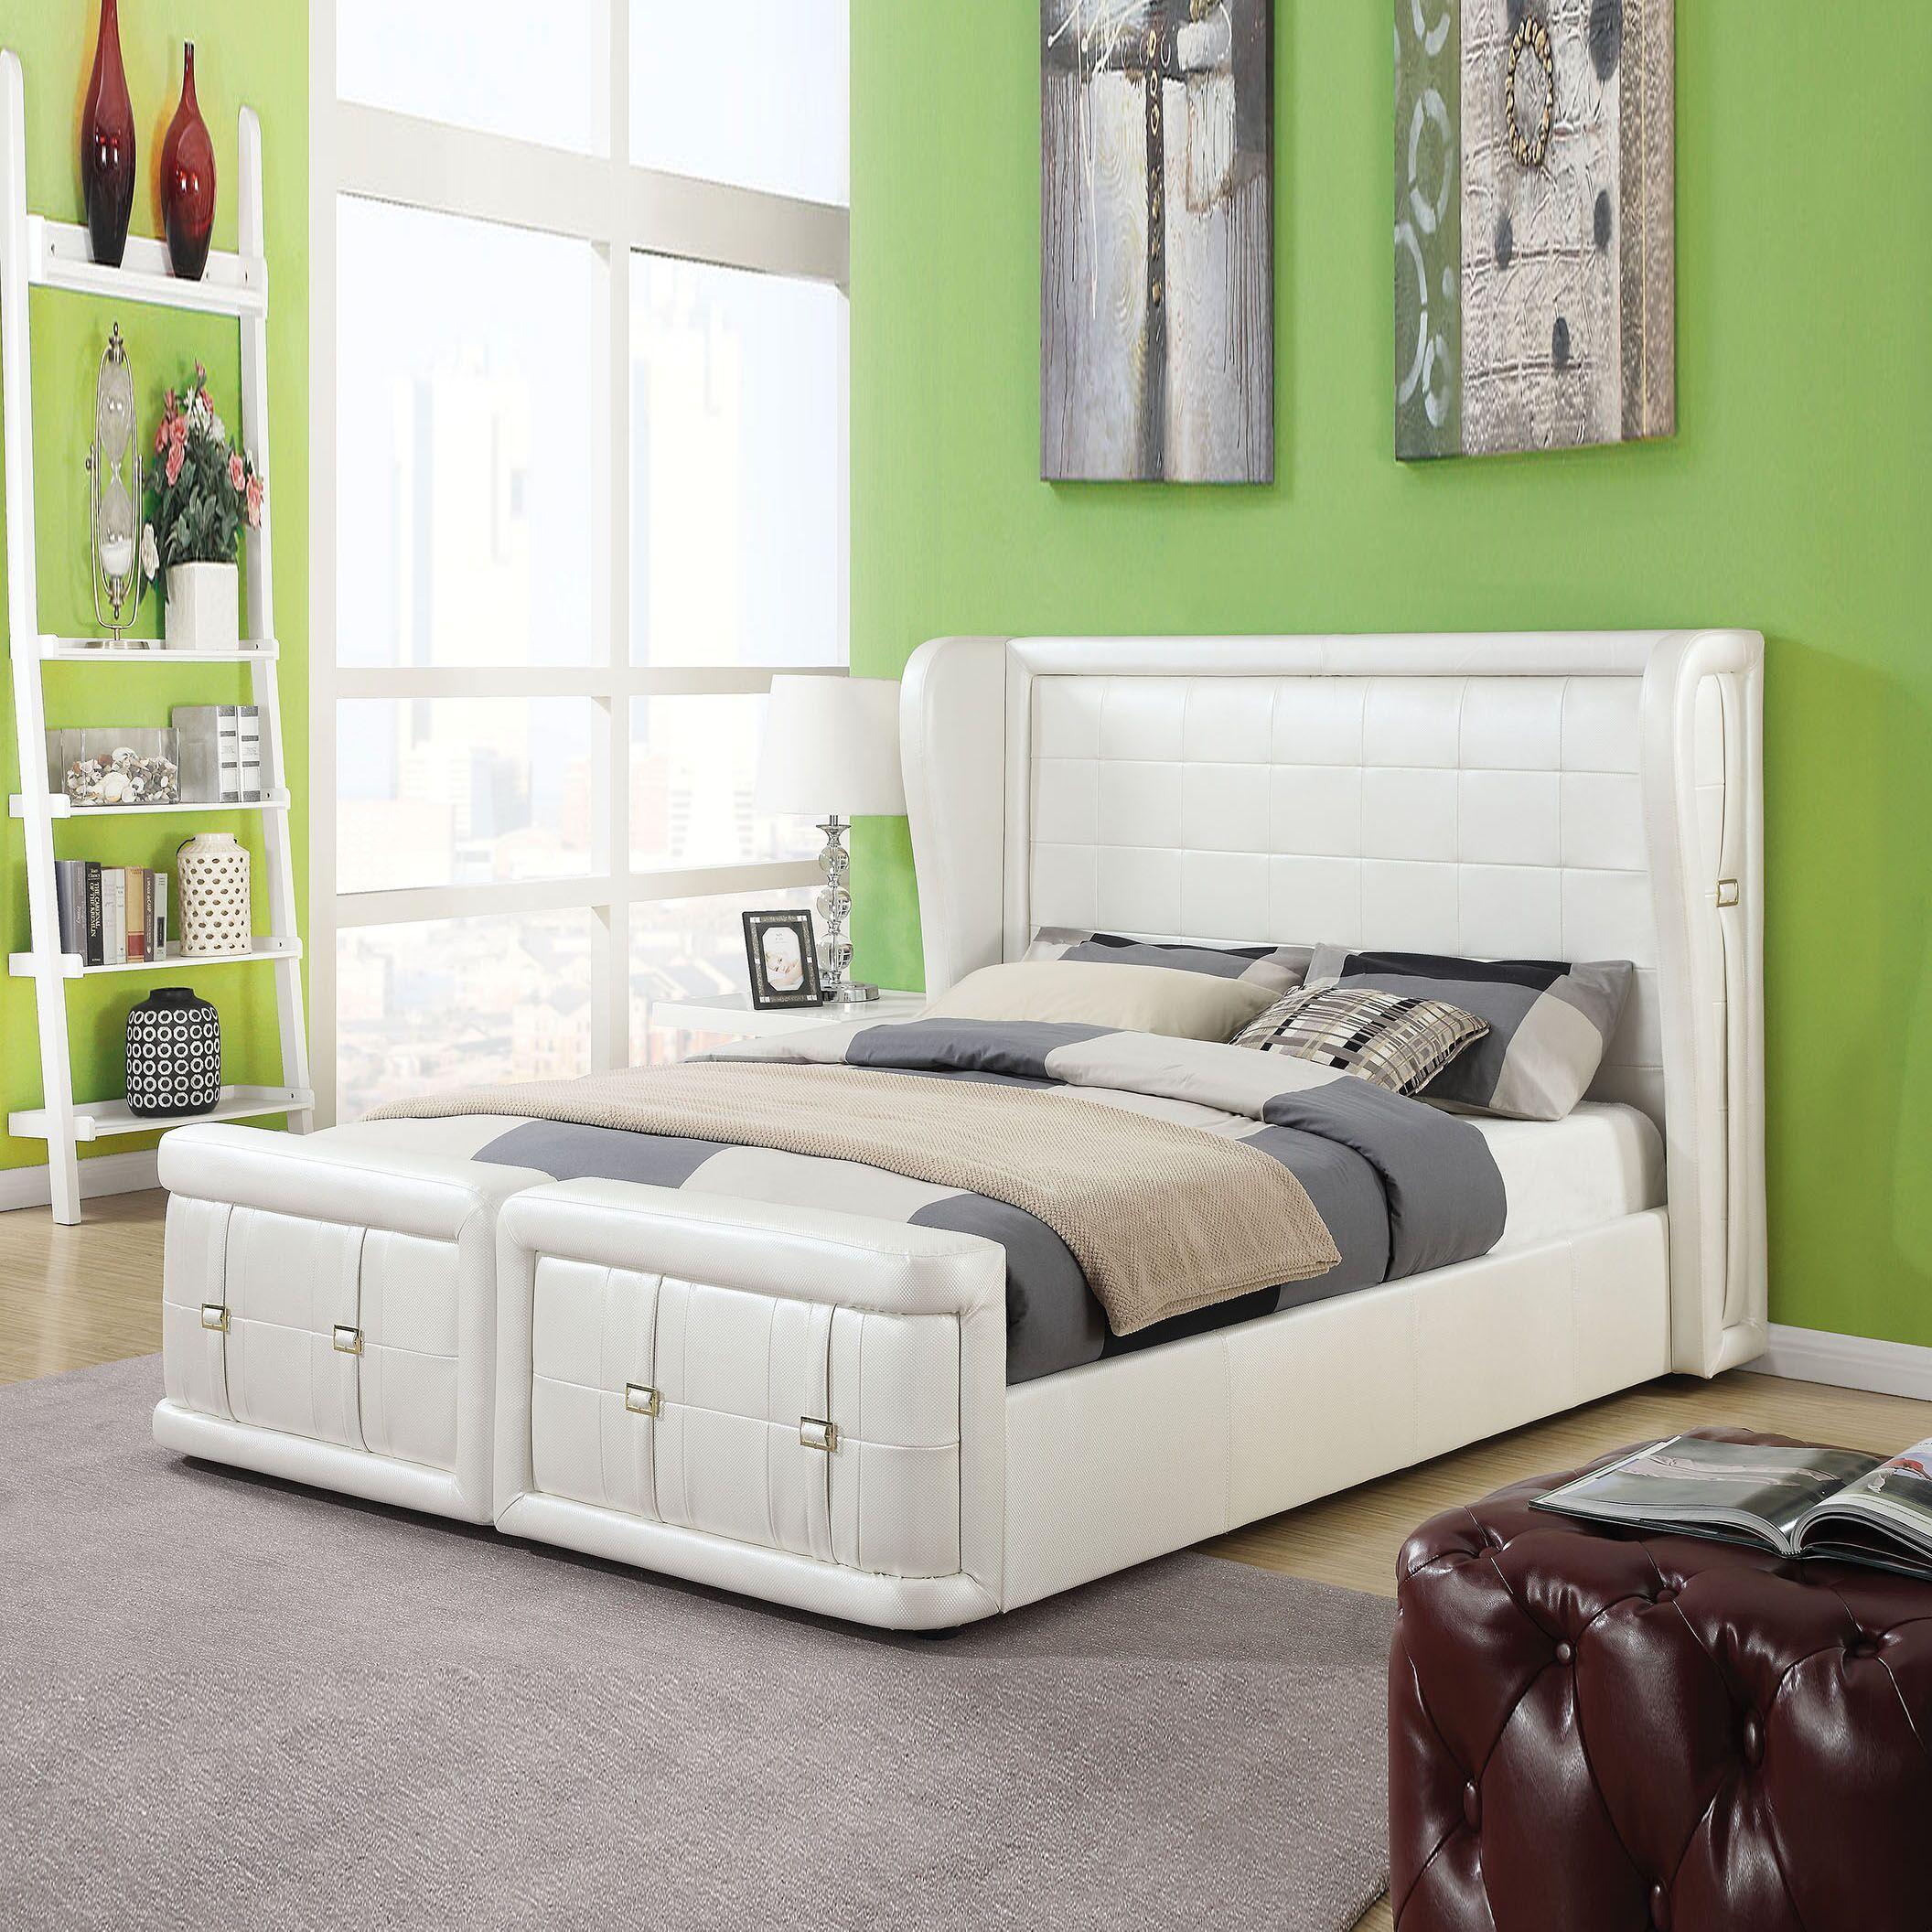 Jourdan Upholstered Panel Bed Size: King